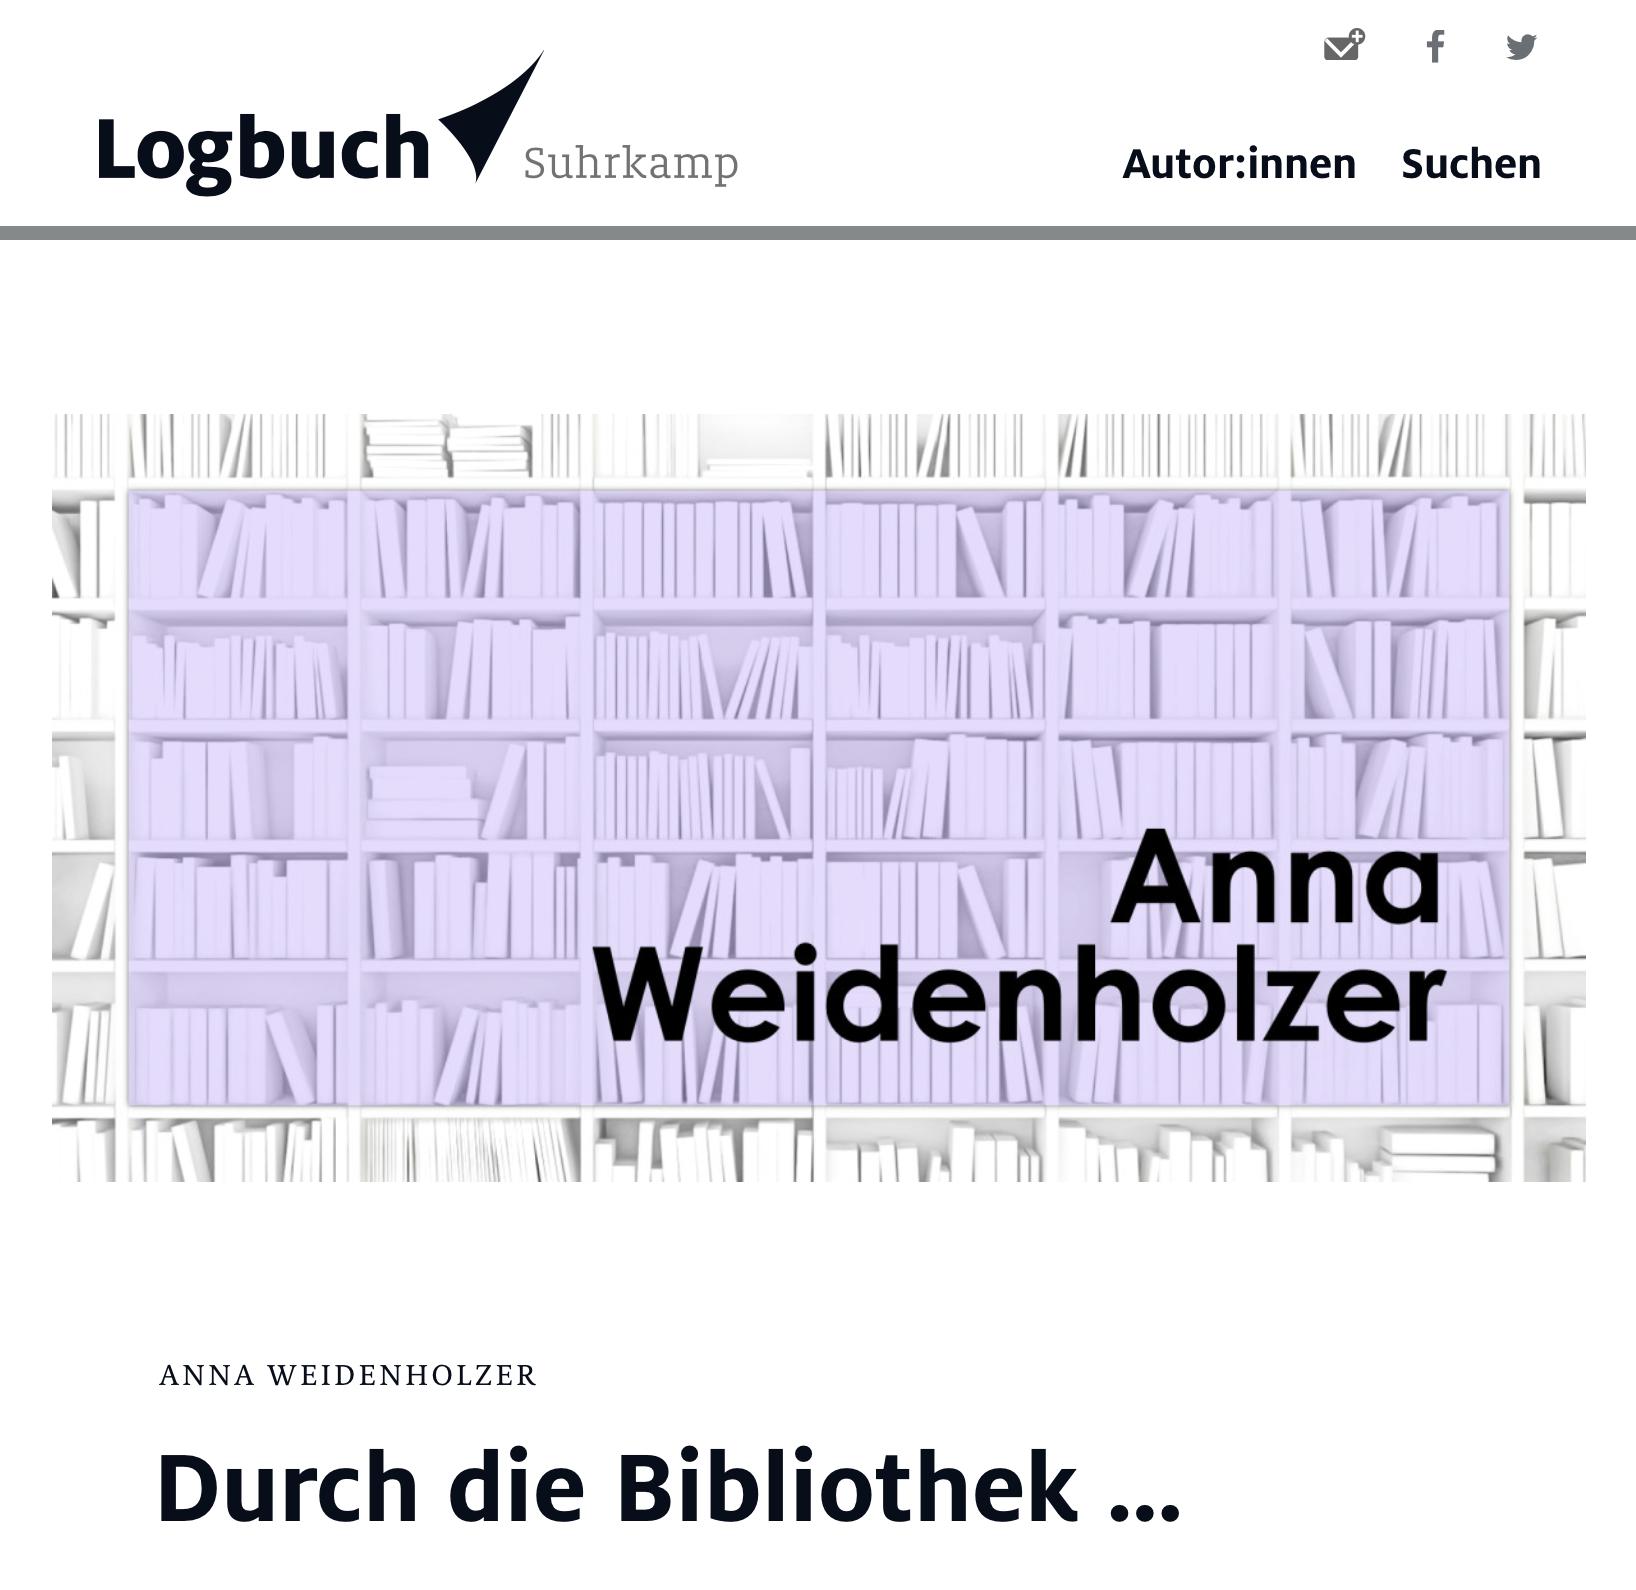 Logbuch Surkamp Berlin Anna Weidenholzer